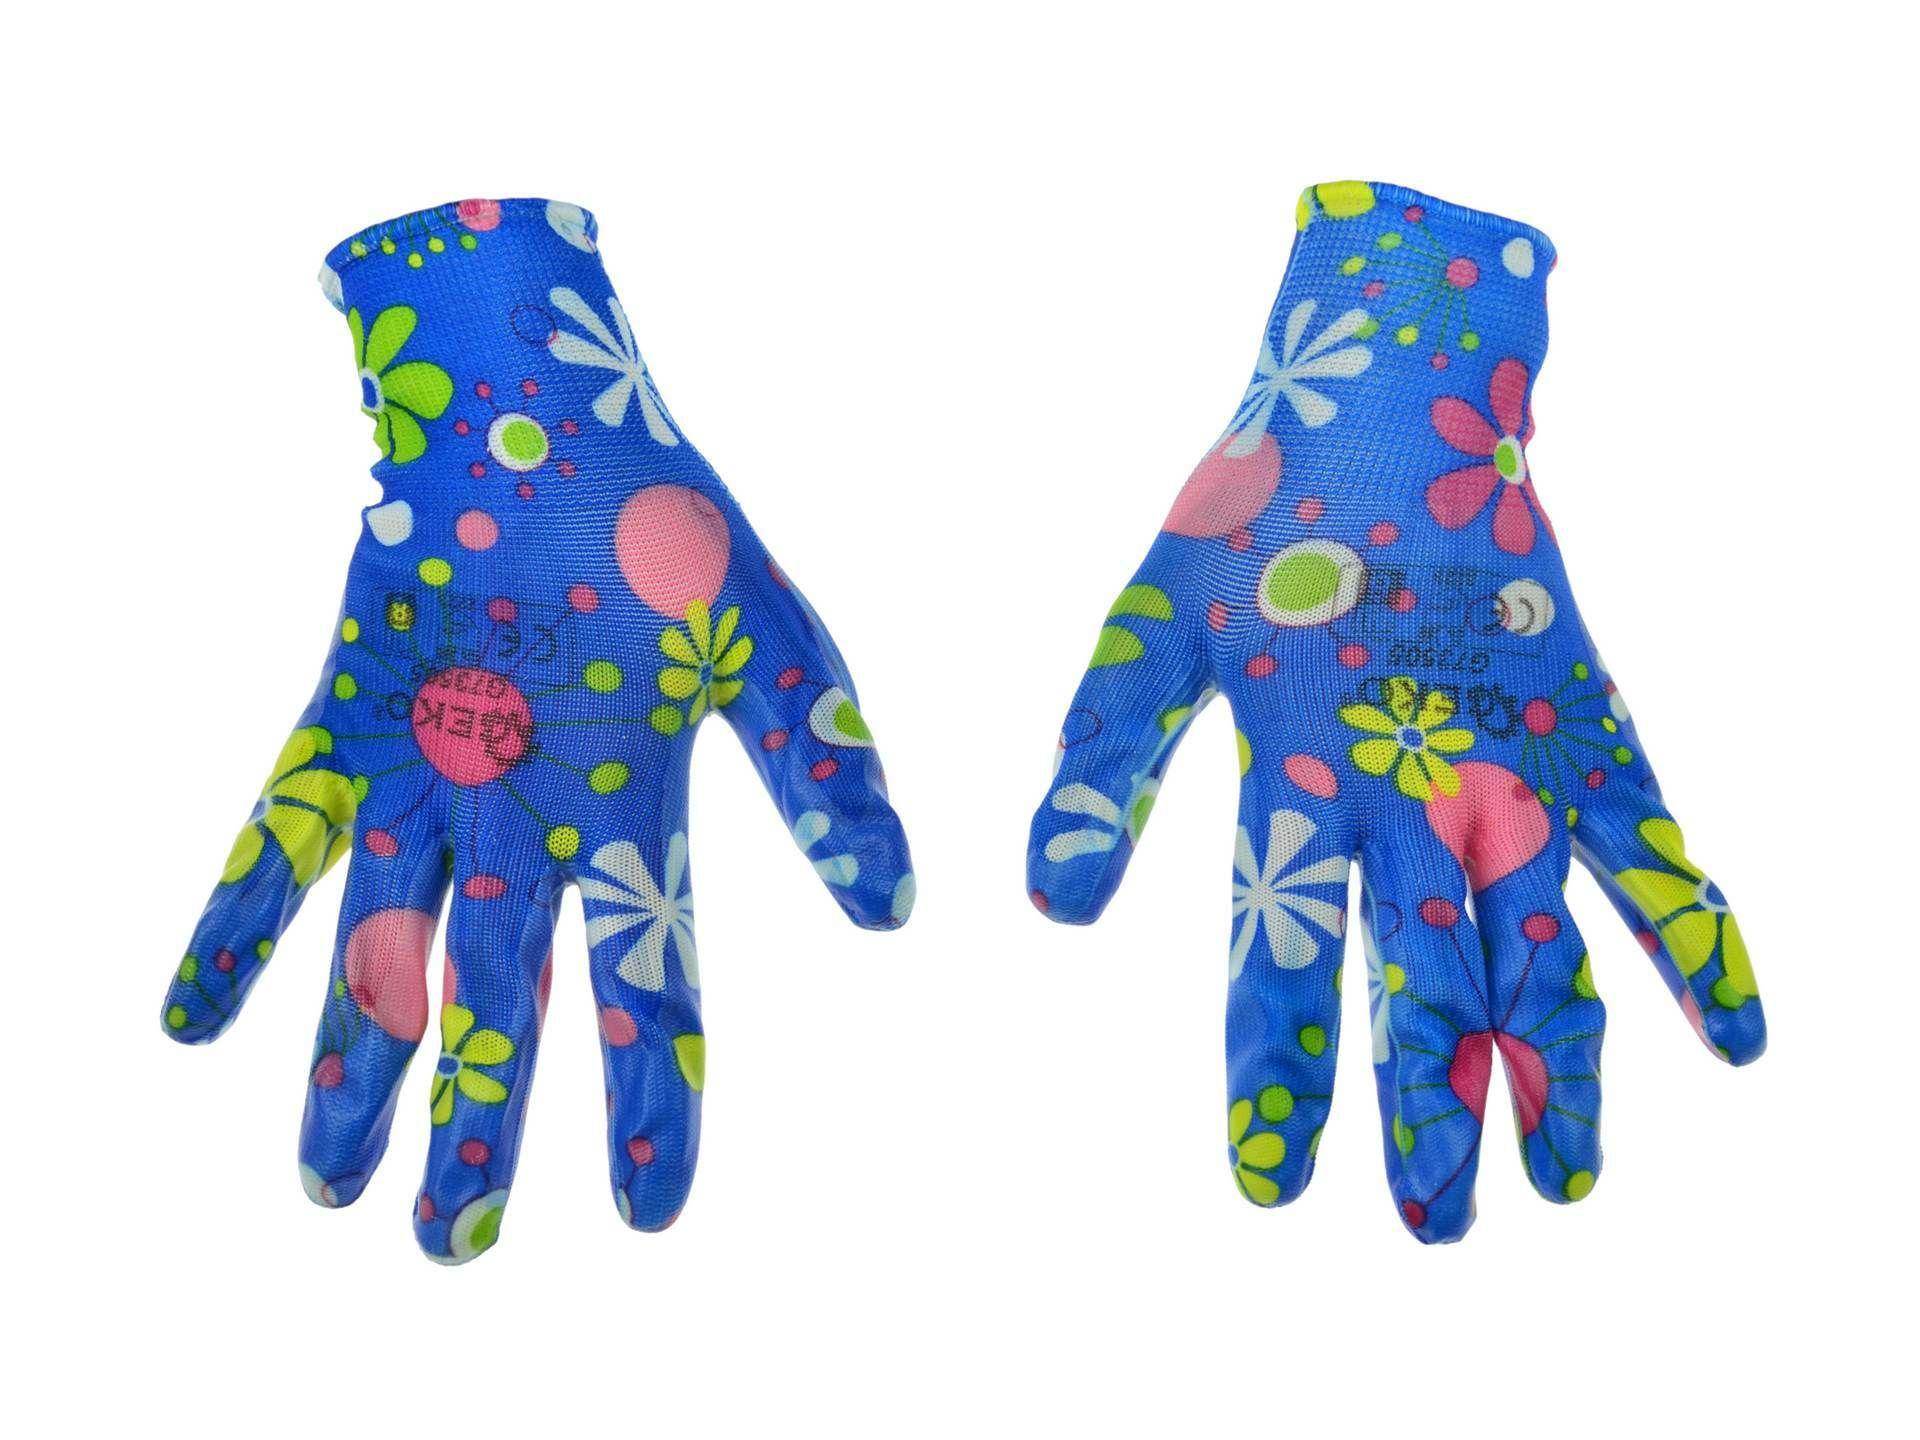 Dámské zahradní pracovní rukavice, velikost 8 GEKO